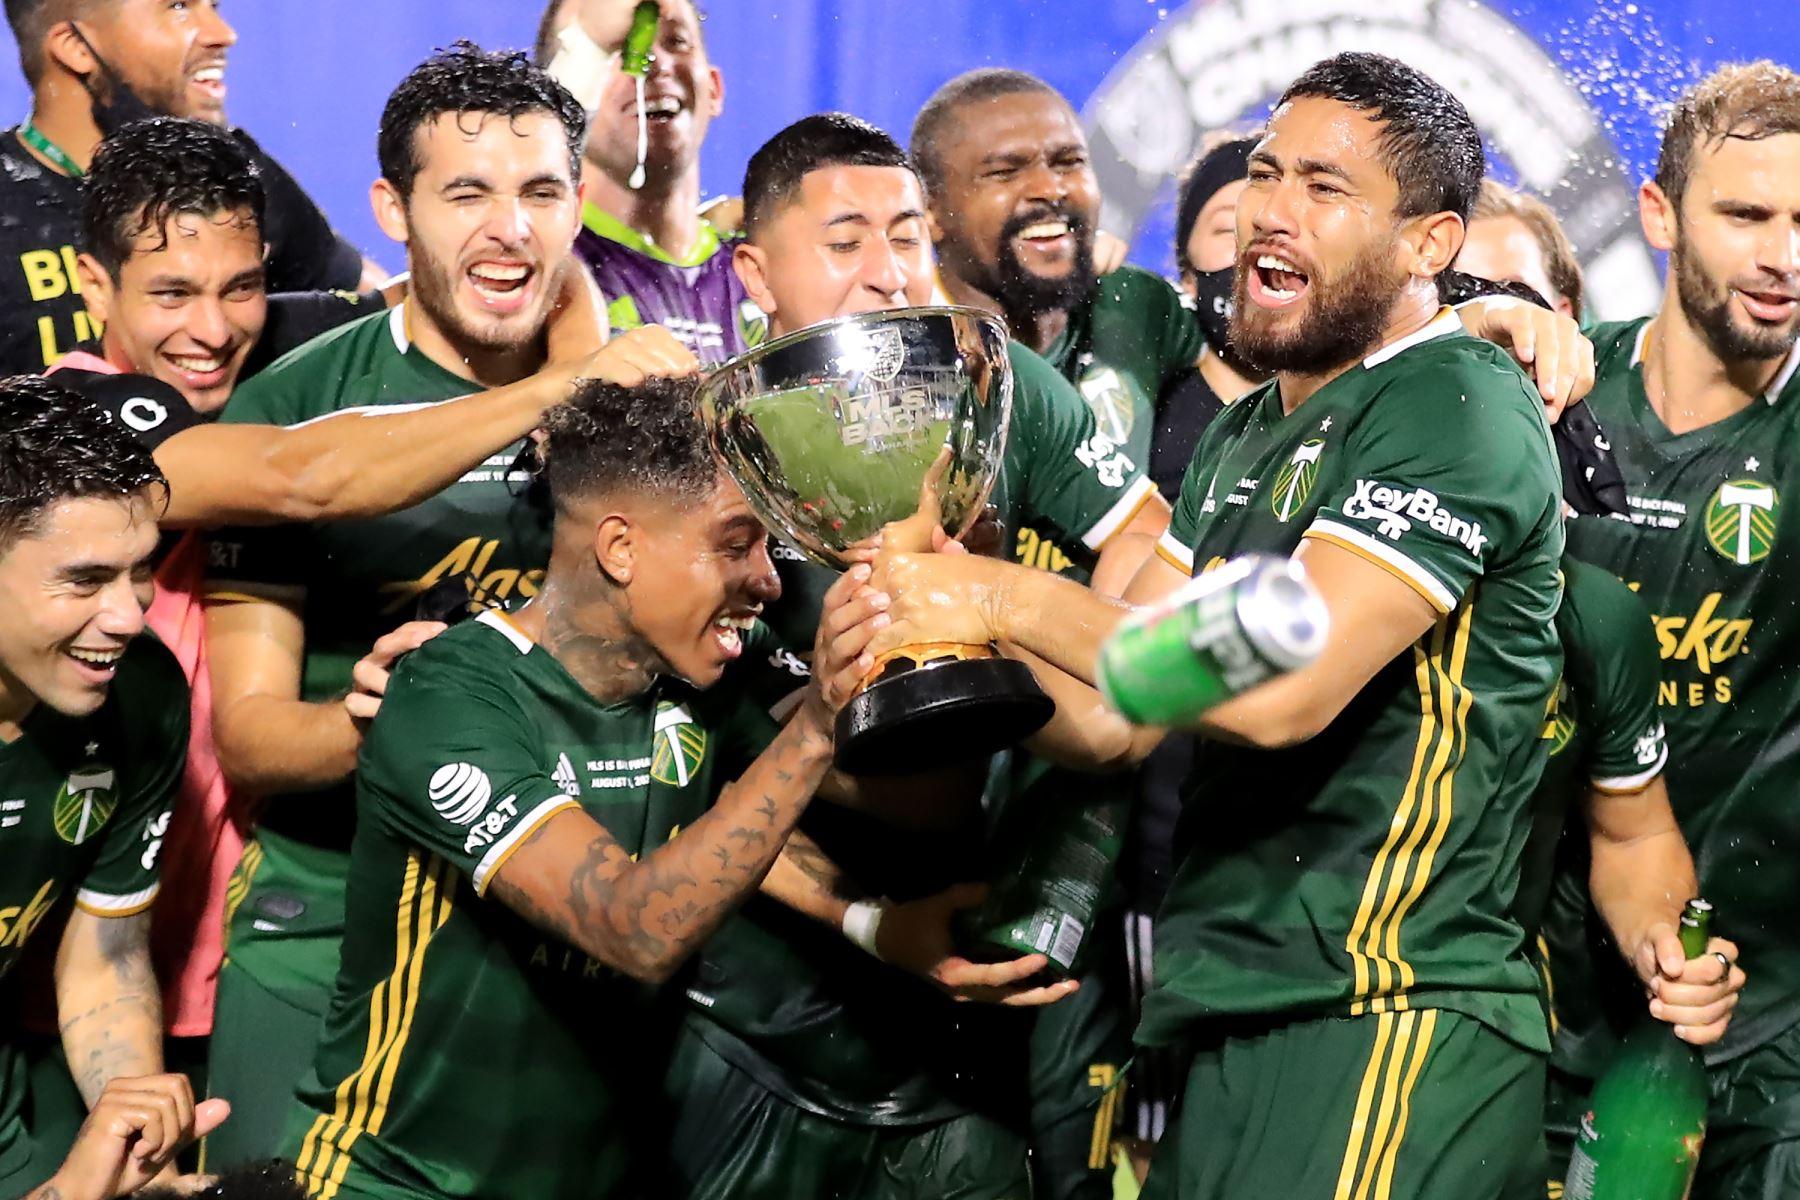 El futbolista peruano Andy Polo se corona campeón con su club Portland Timbers tras vencer 2-1 al club Orlando City por la